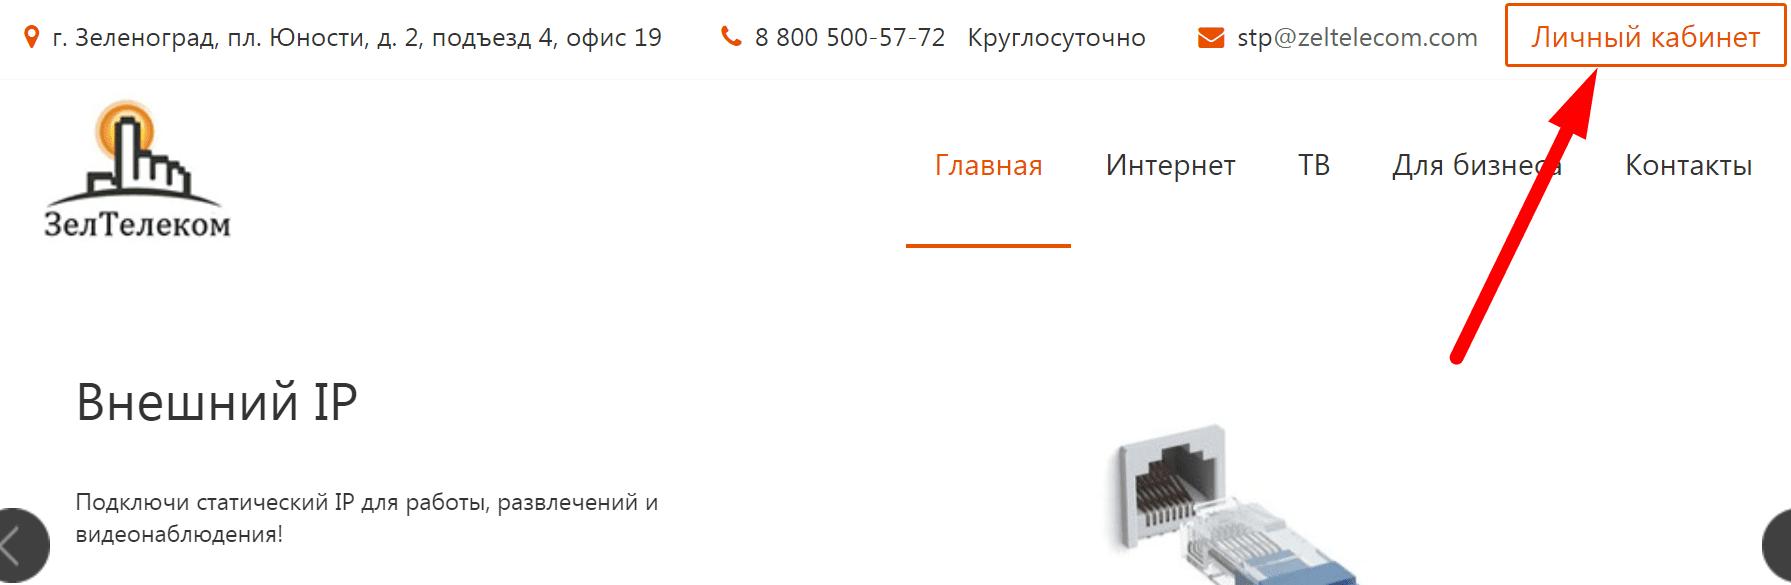 Официальный сайт интернет провайдера «Зелтелеком»